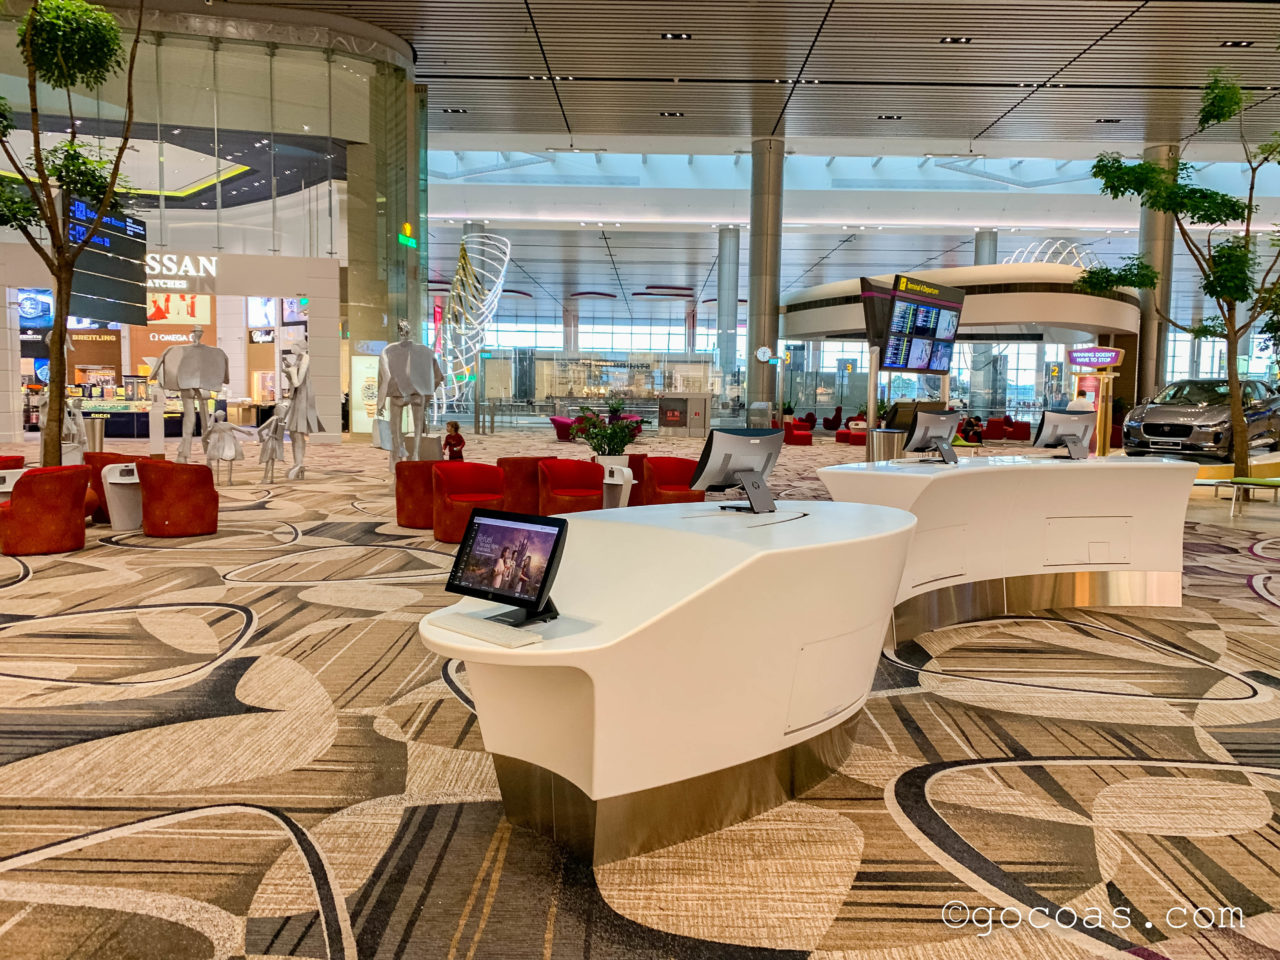 シンガポール・チャンギ国際空港の搭乗エリアに並ぶパソコンと椅子